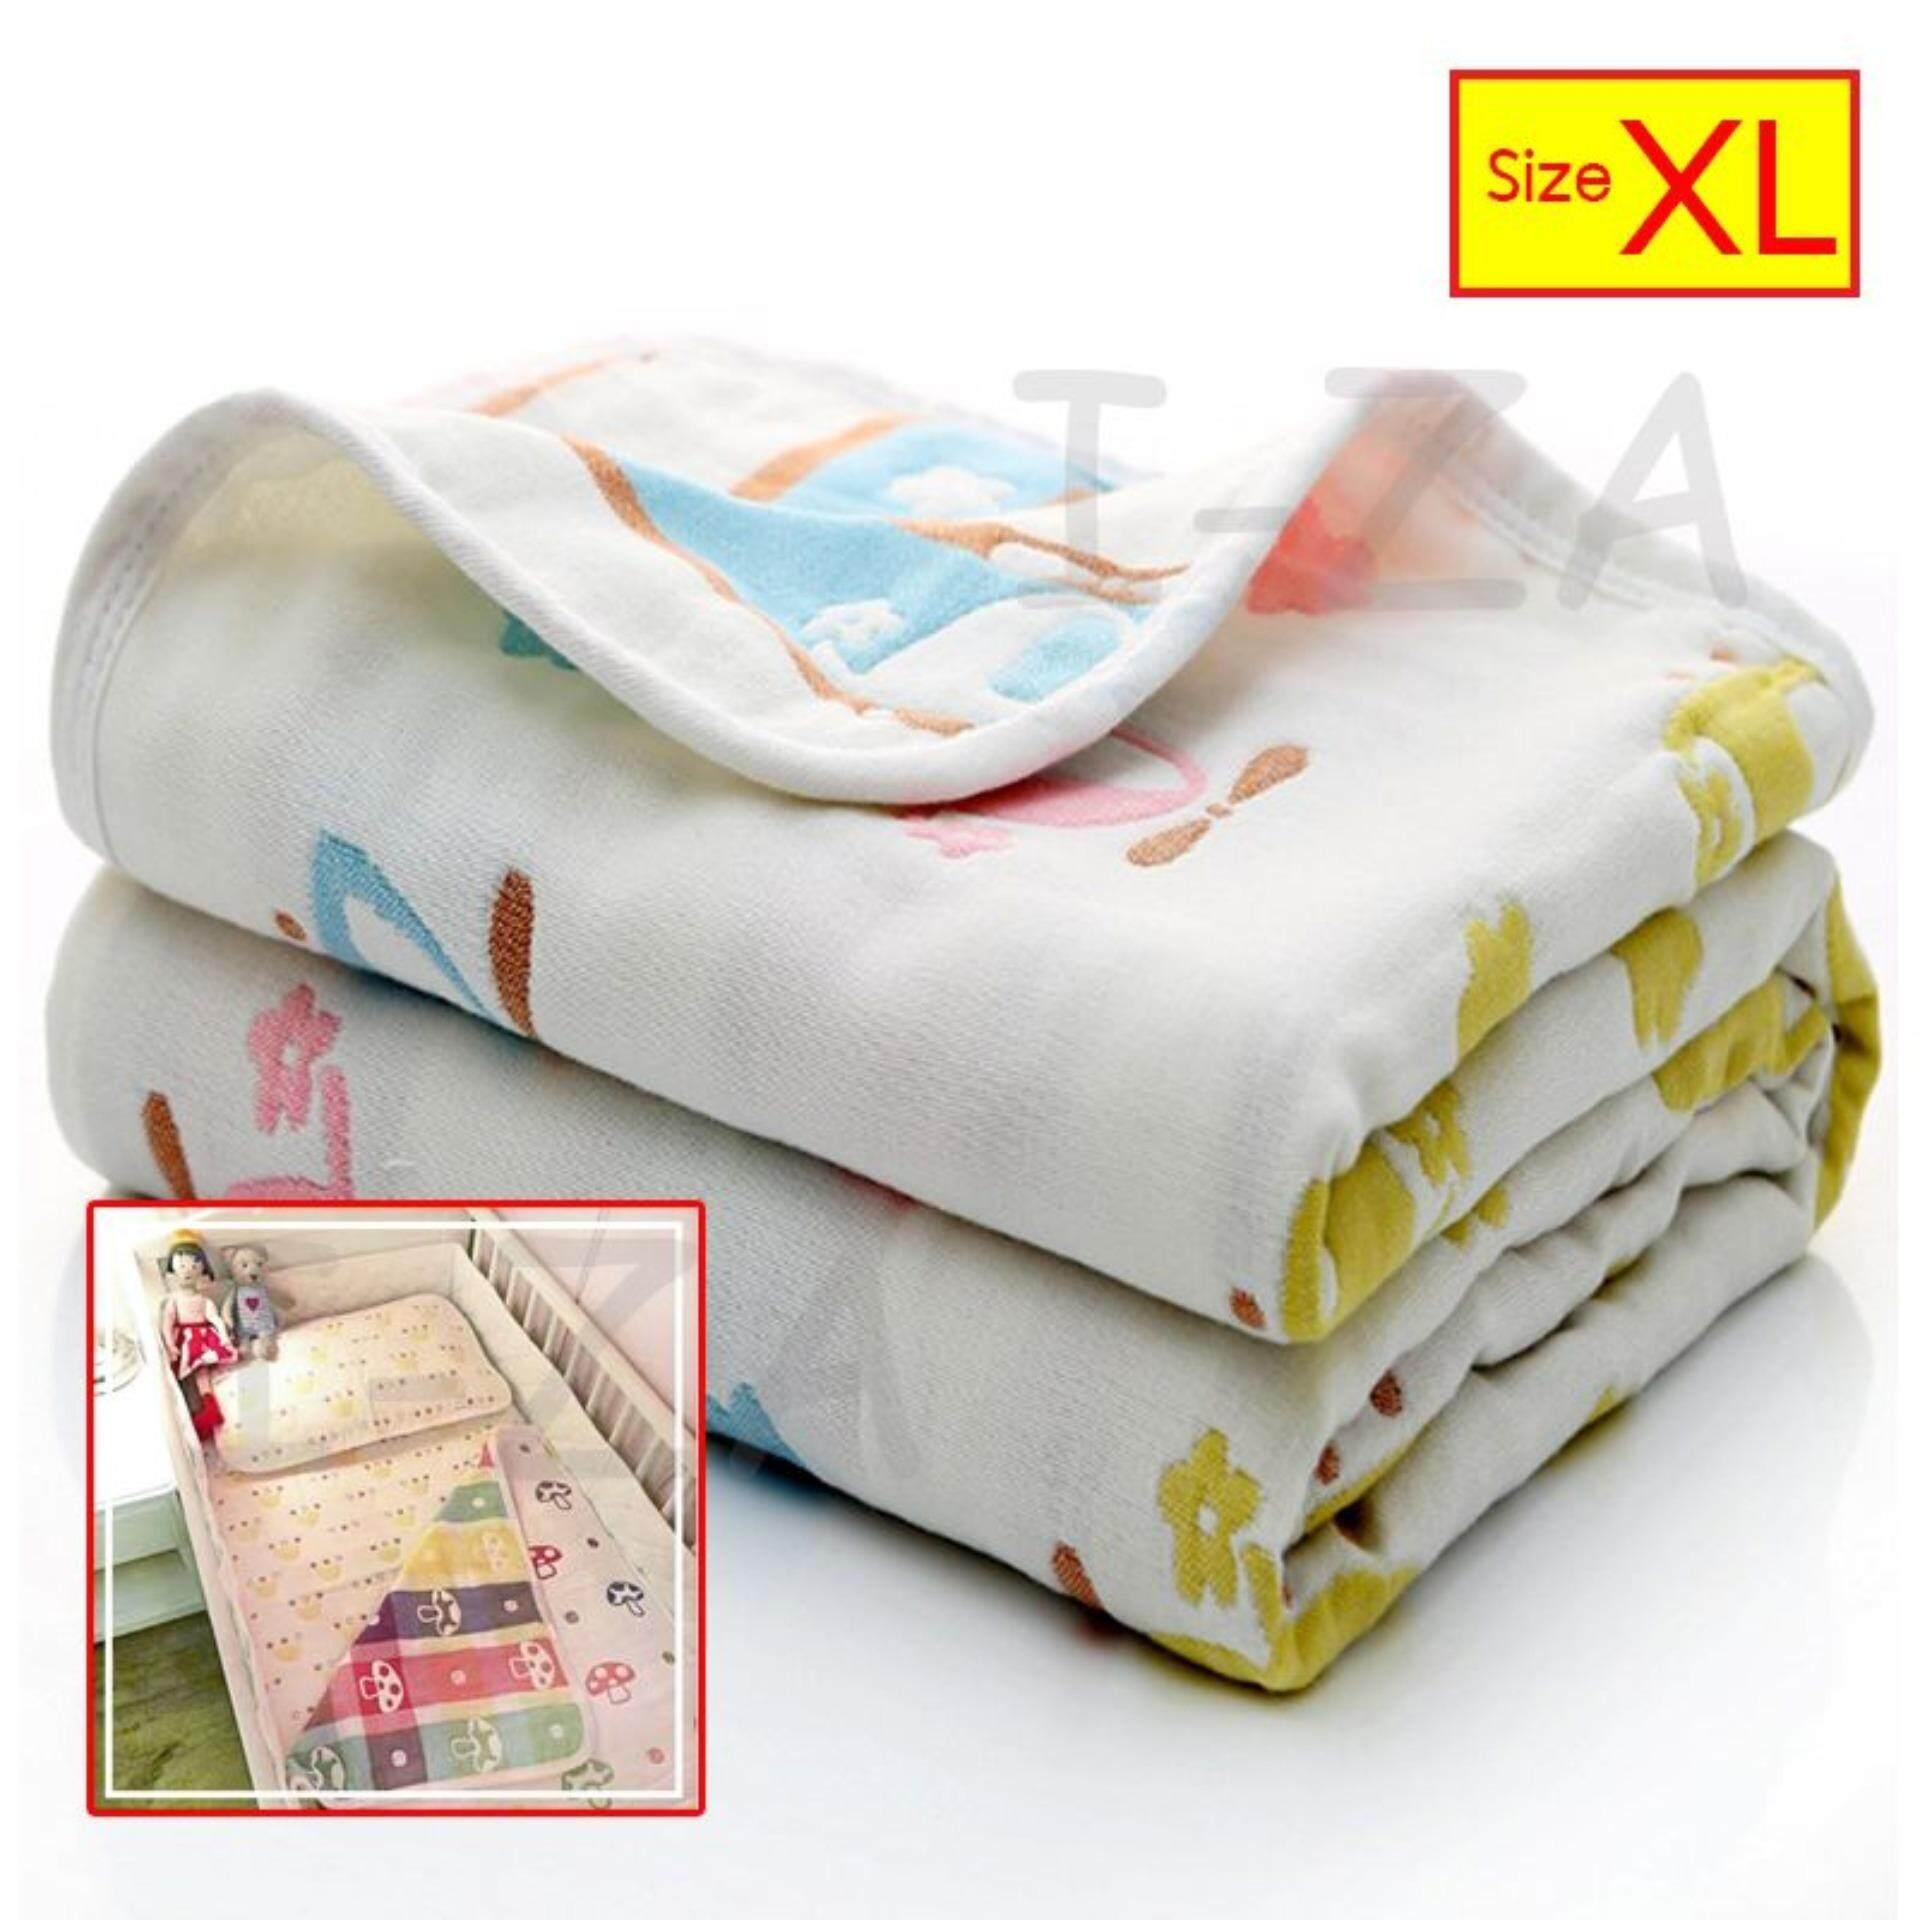 I-Za ผ้าห่มเด็กแรกเกิด ผ้าห่มเด็กออแกนิค ผ้าฝ้ายญี่ปุ่นทอ 6 ชั้น ลาย 2 ด้าน ขนาด110x110 Cm By Izashop.